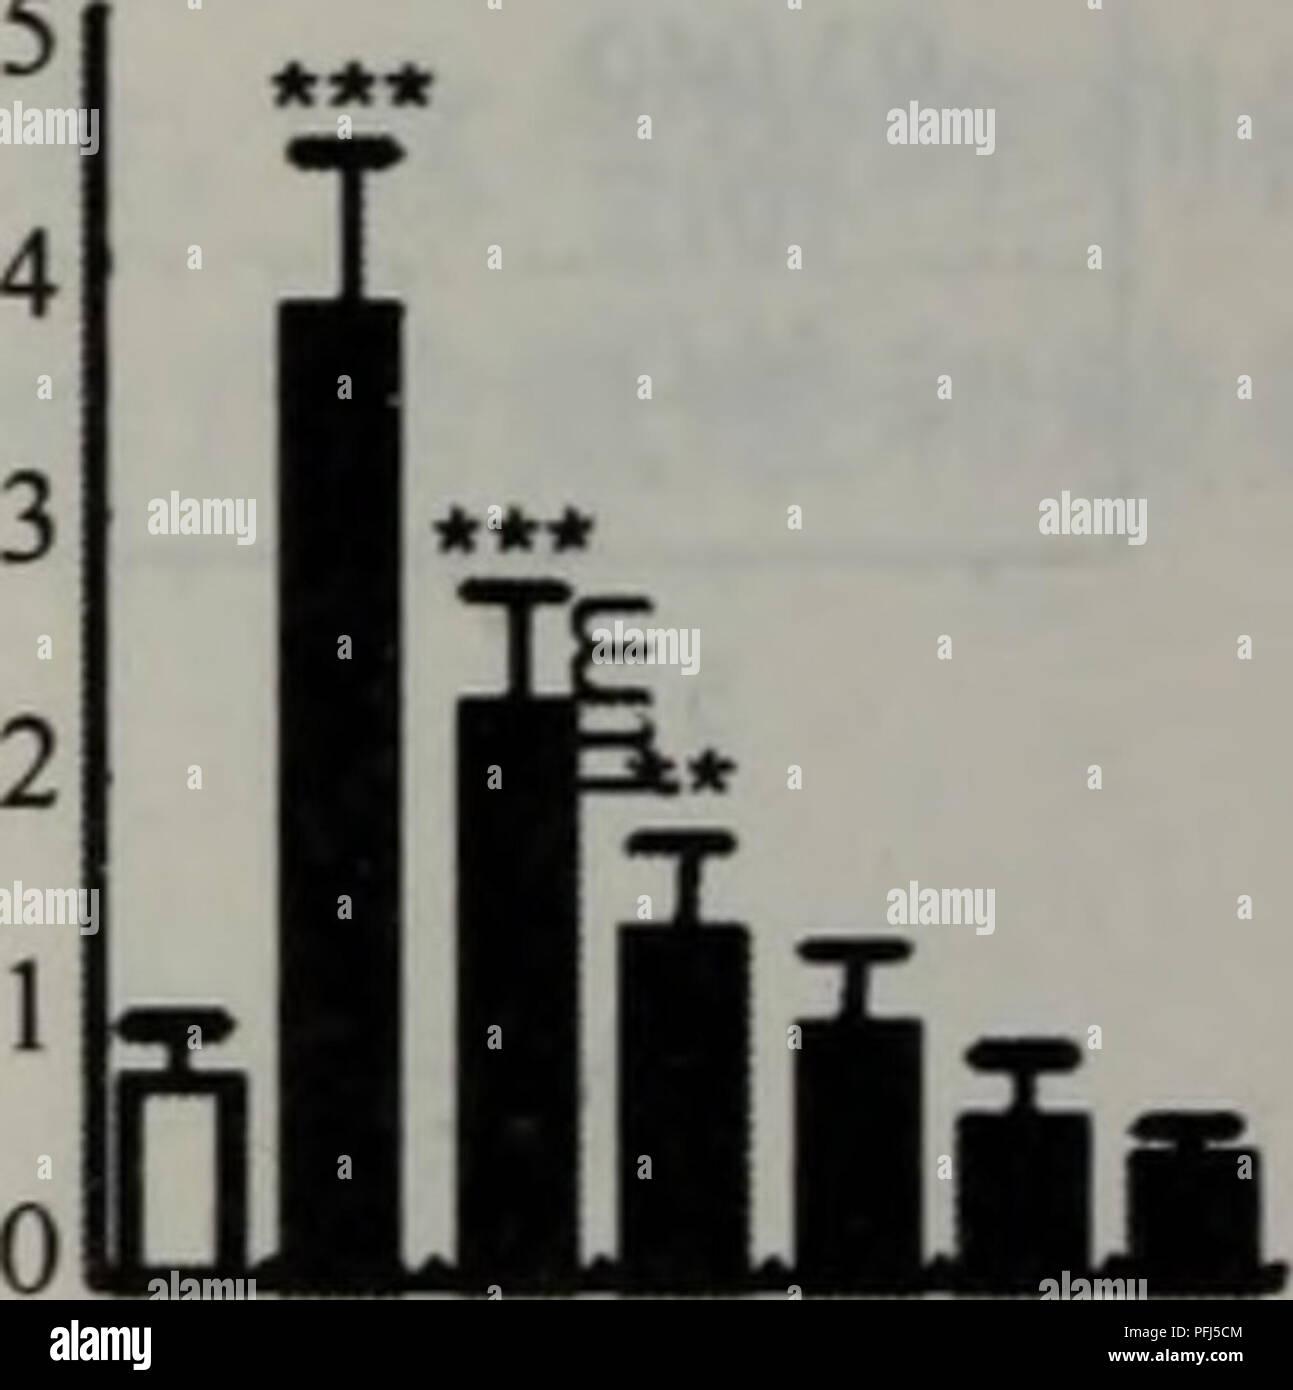 グッチ ベルト 時計 激安 | ガーミン 時計 激安 モニター